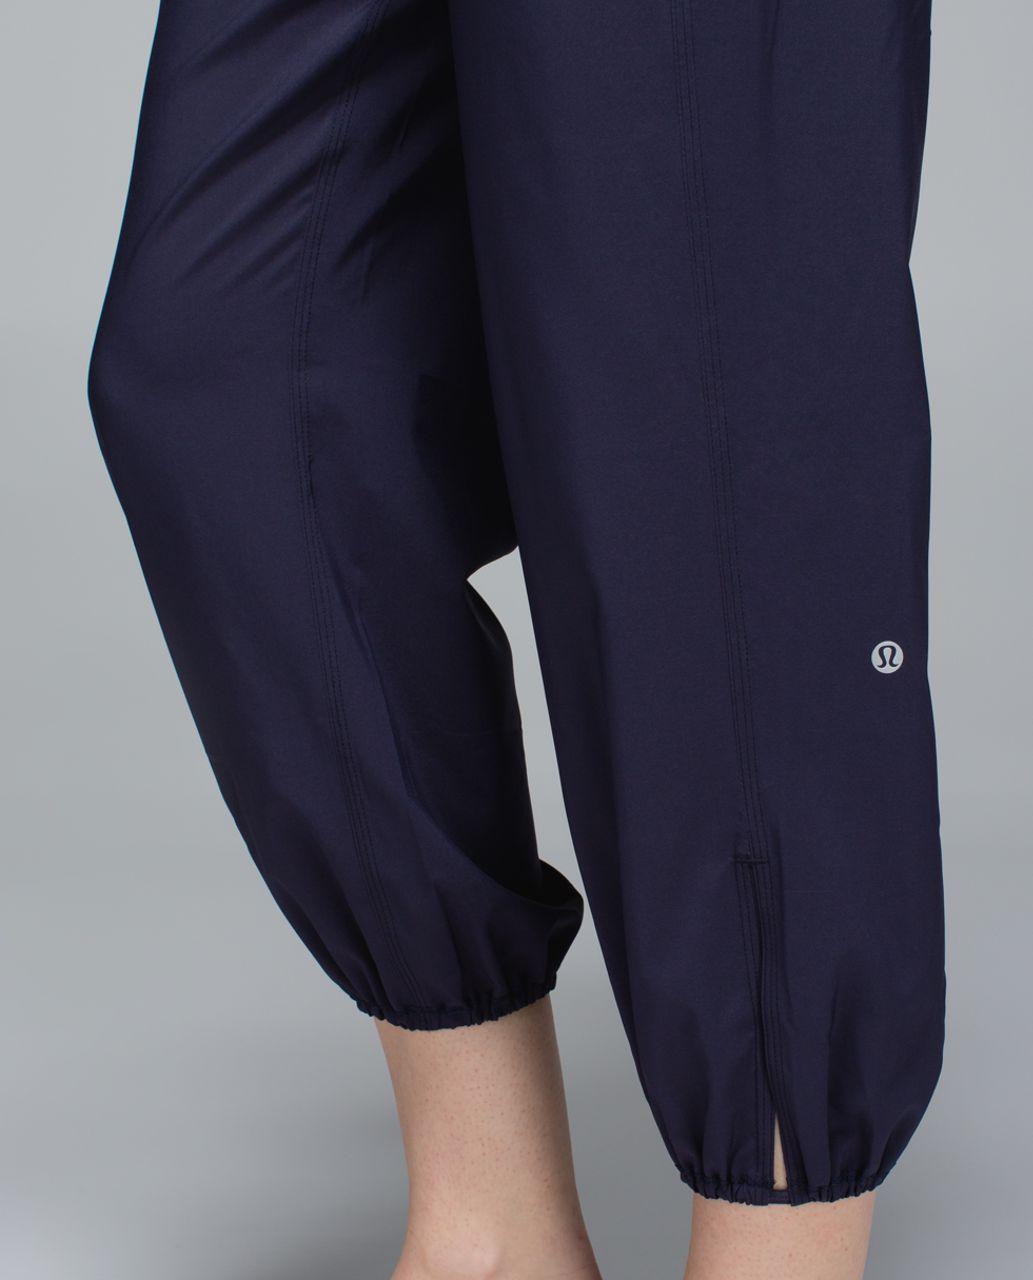 Lululemon Om Pant - Naval Blue